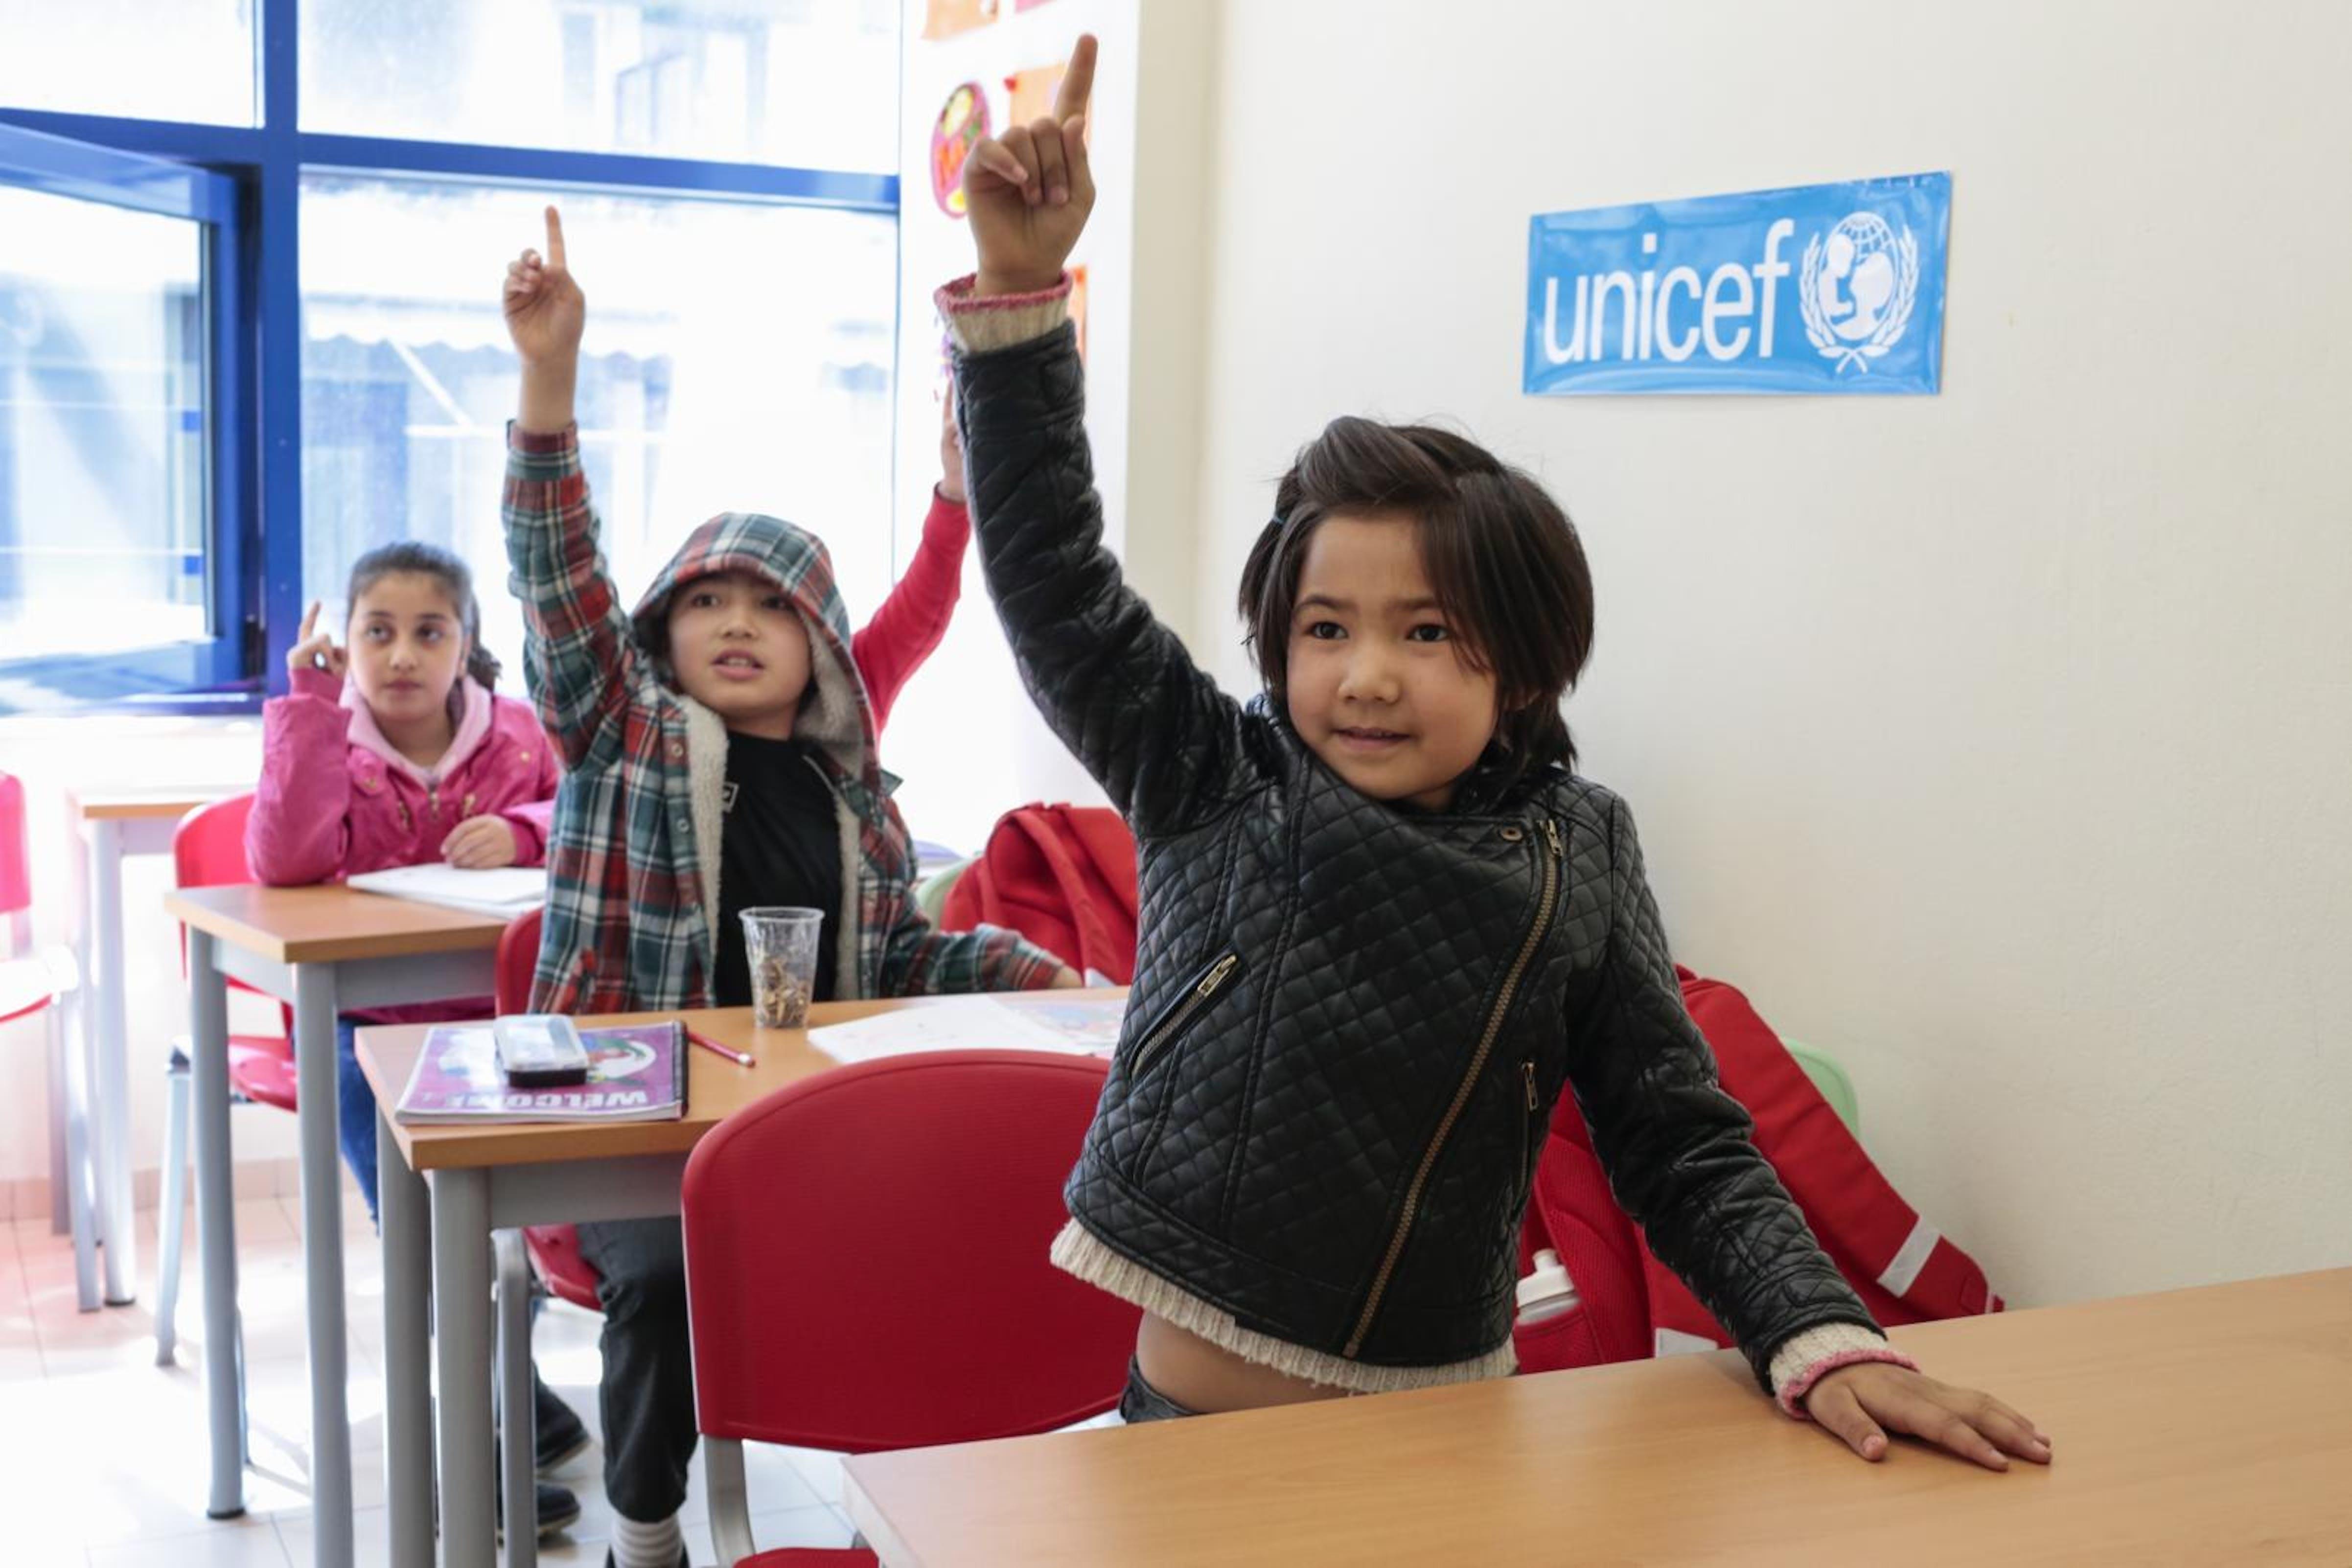 Bambine rifugiate dall'Afghanistan durante una lezione organizzata dall'UNICEF in una scuola di Apostoli, nella regione dell'Epiro  (Grecia) - © UNICEF/UN075716/Jacome